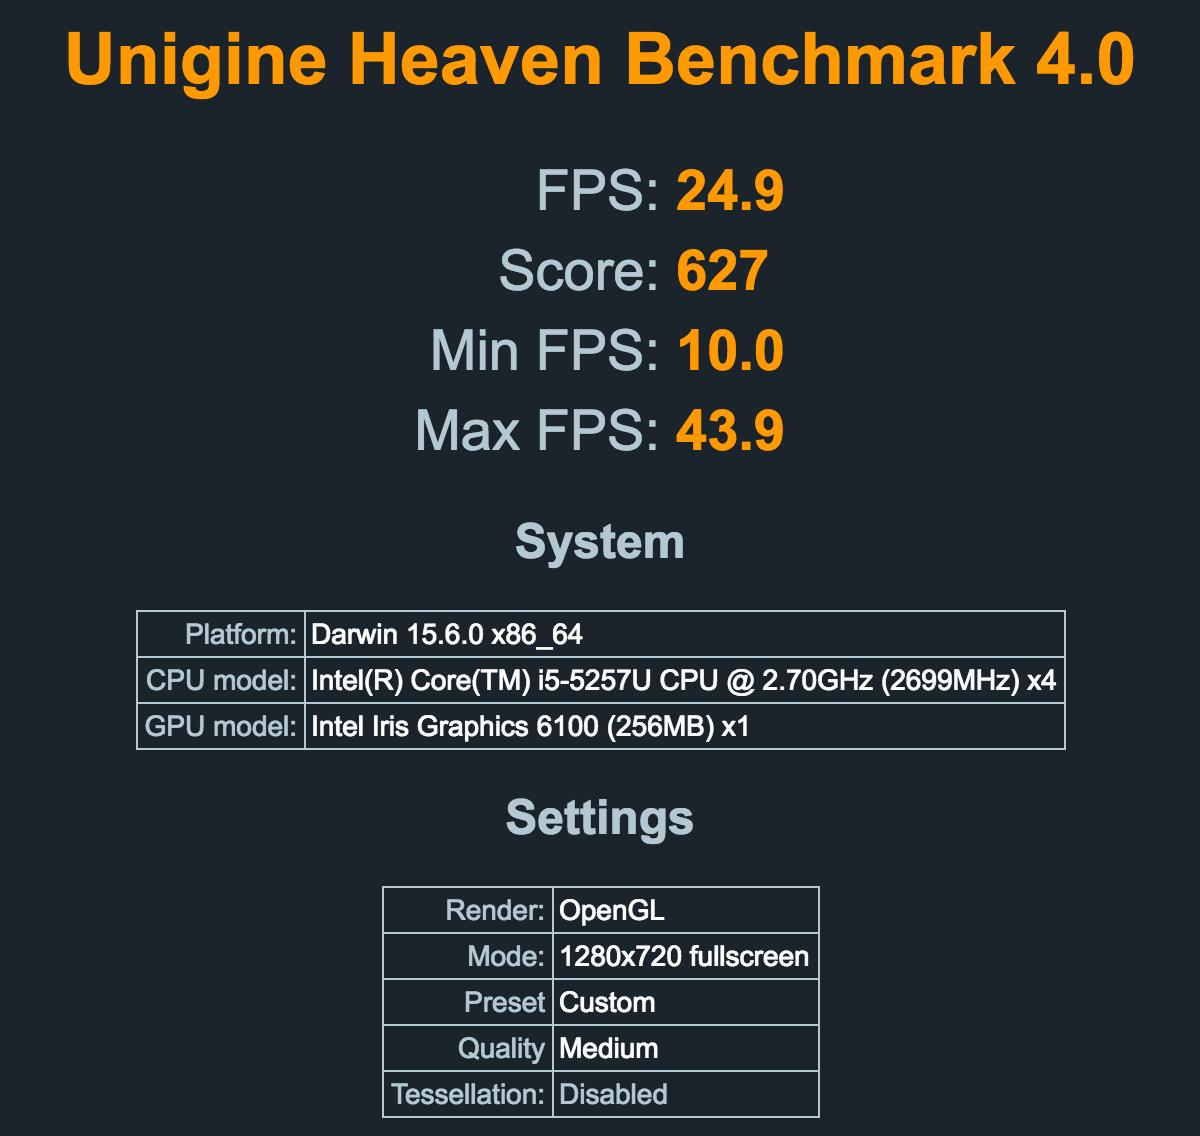 24.9 FPS